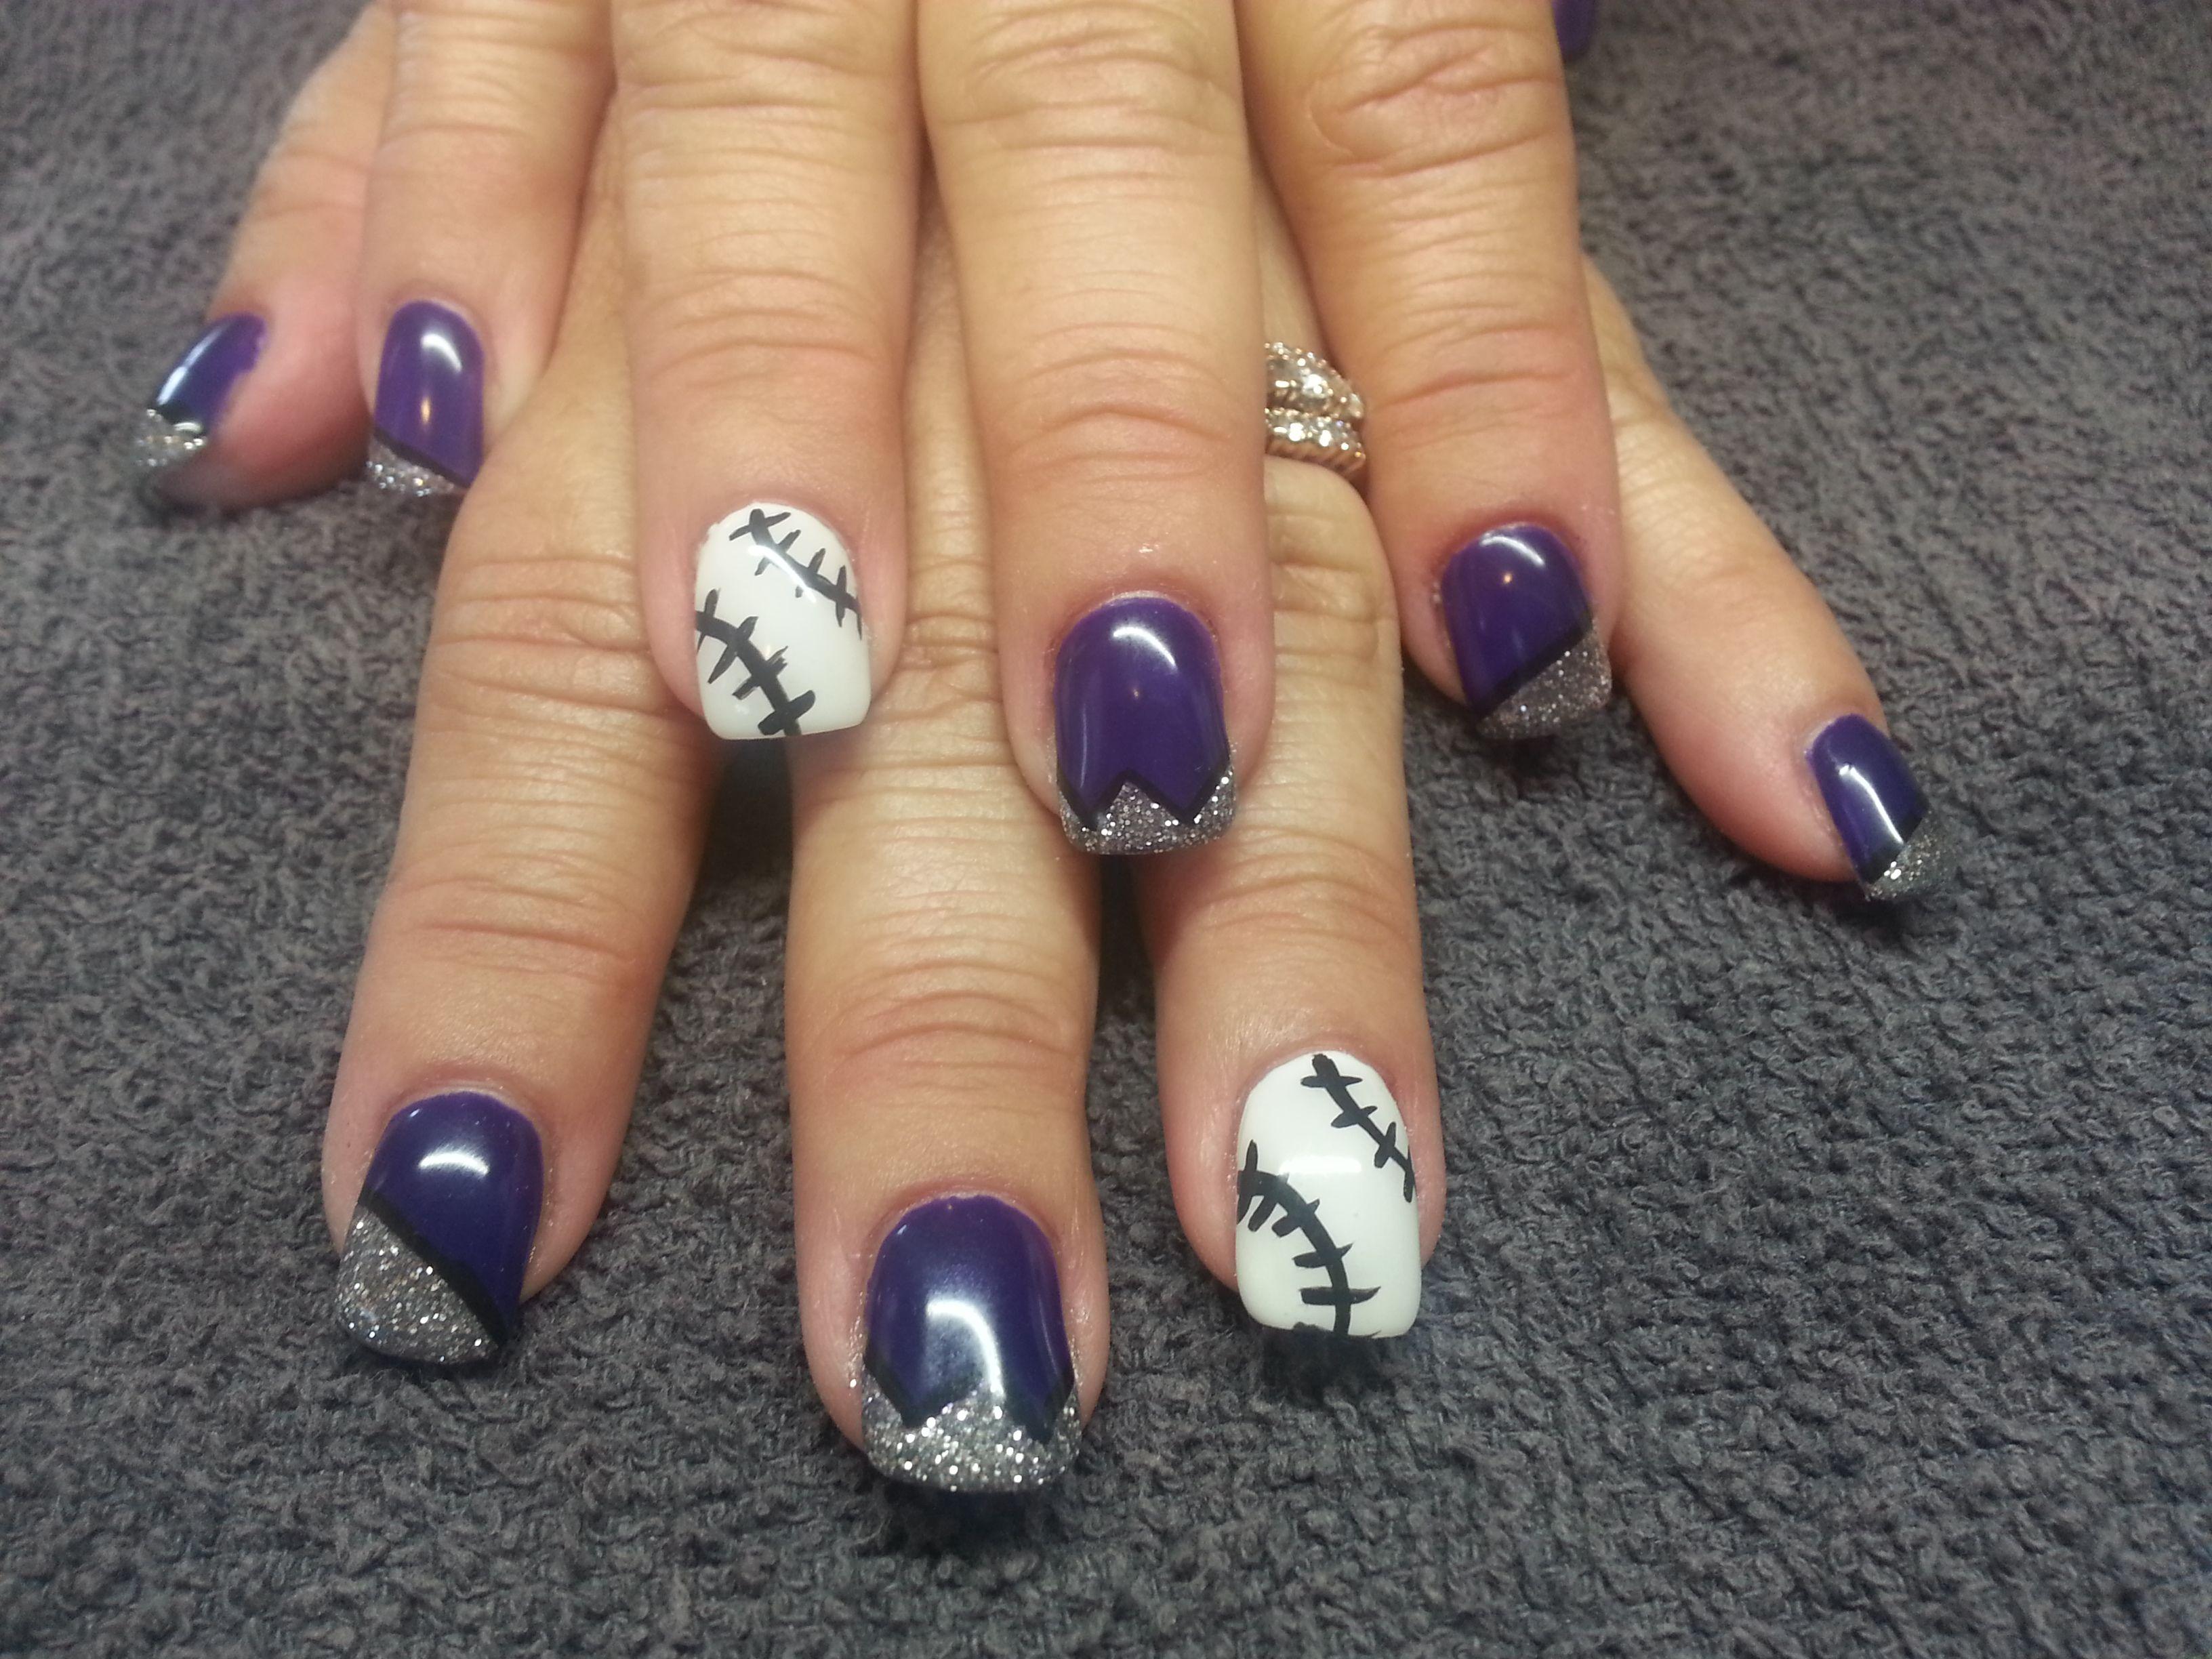 colorado rockies game day nail